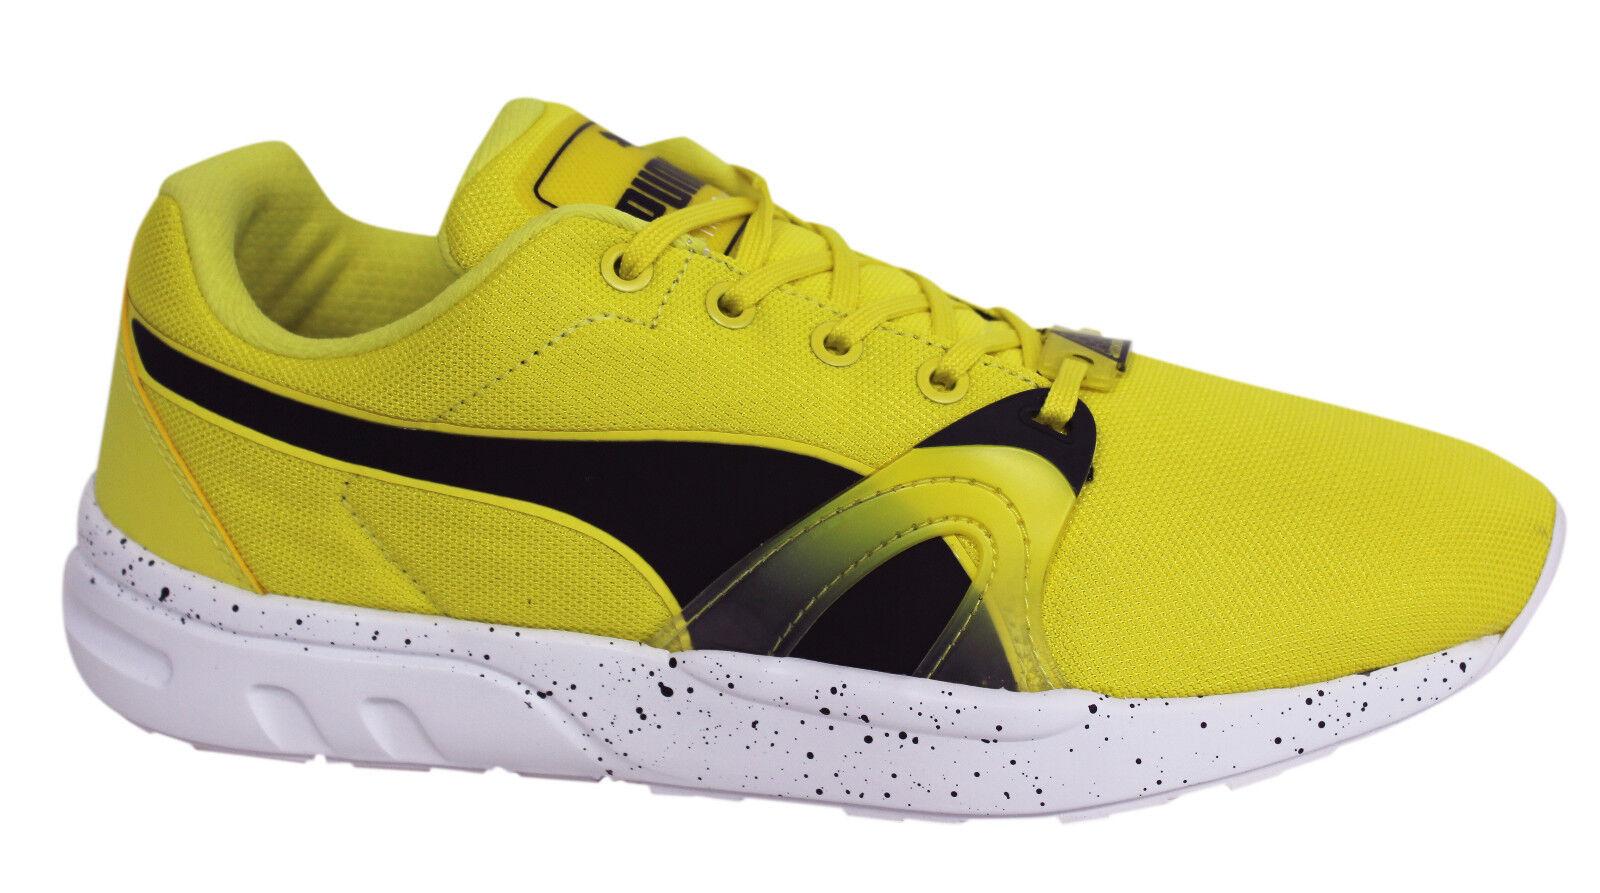 Puma Trinomic XT S Masculino Amarelo Com Cadarço Tênis Tênis de corrida 359872 02 D29